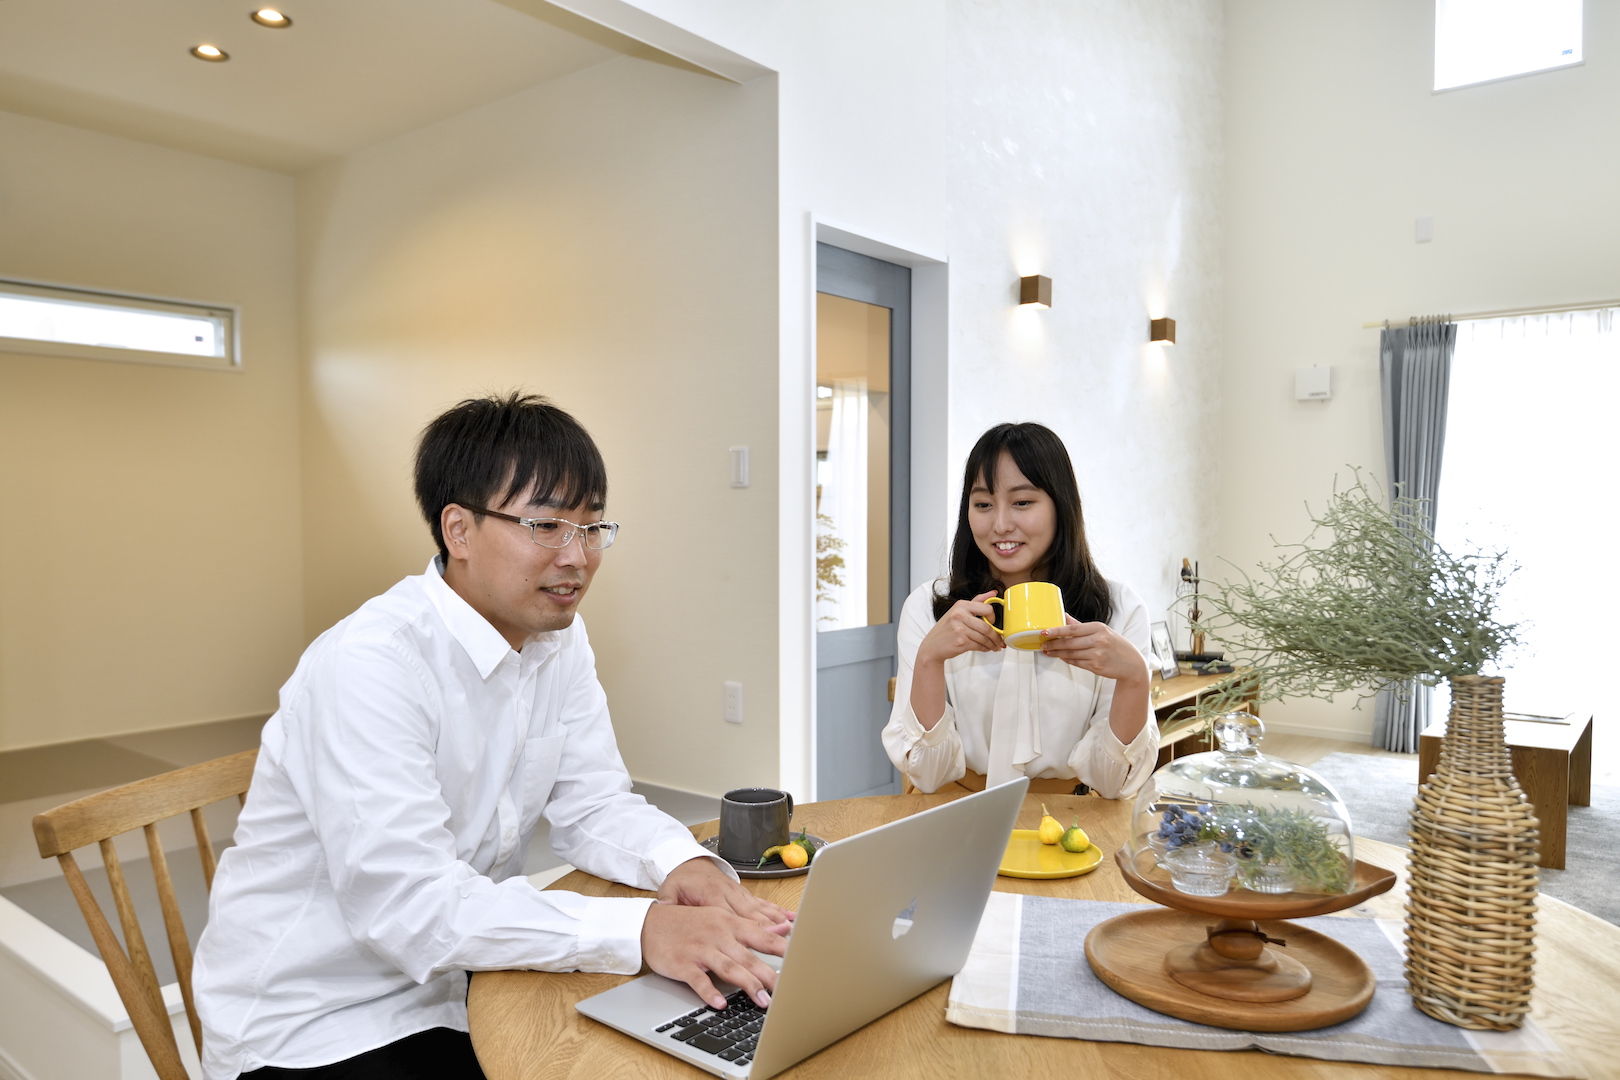 ナカジマ建設のおすすめエリア【飯塚市平恒】 くつろぎリビング